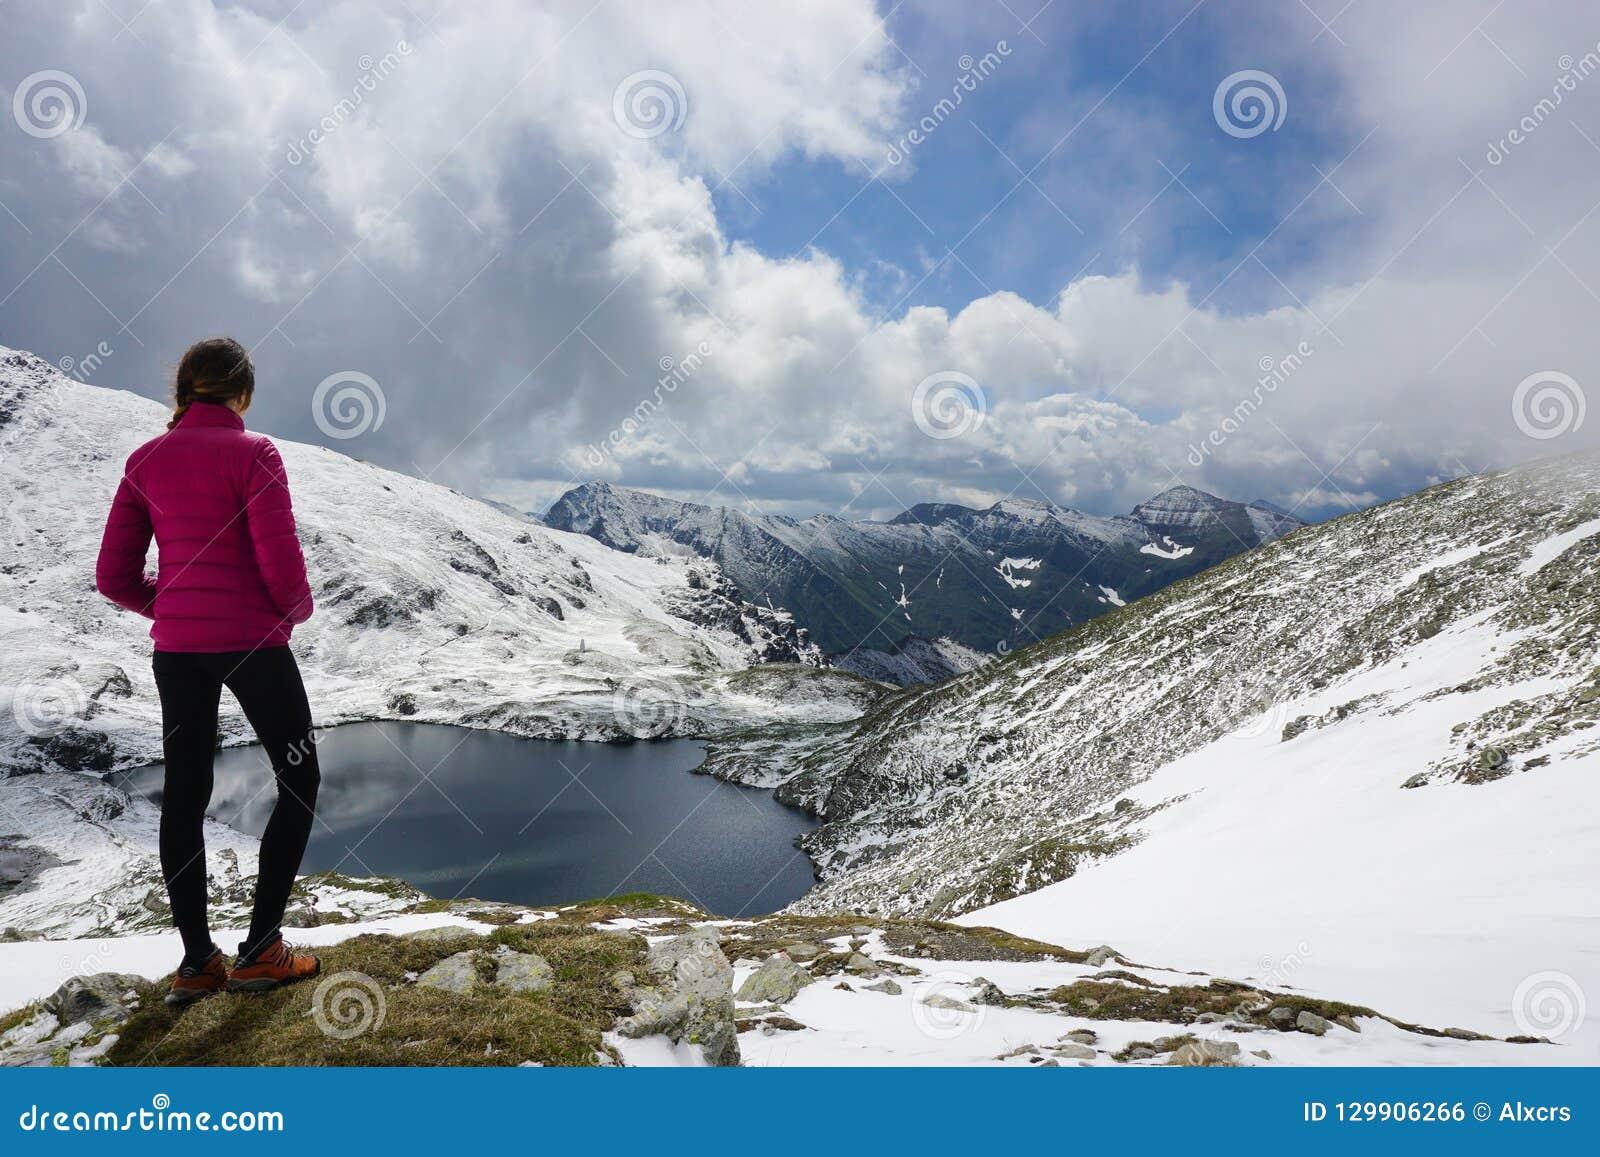 Młoda kobieta podziwia widok w górach